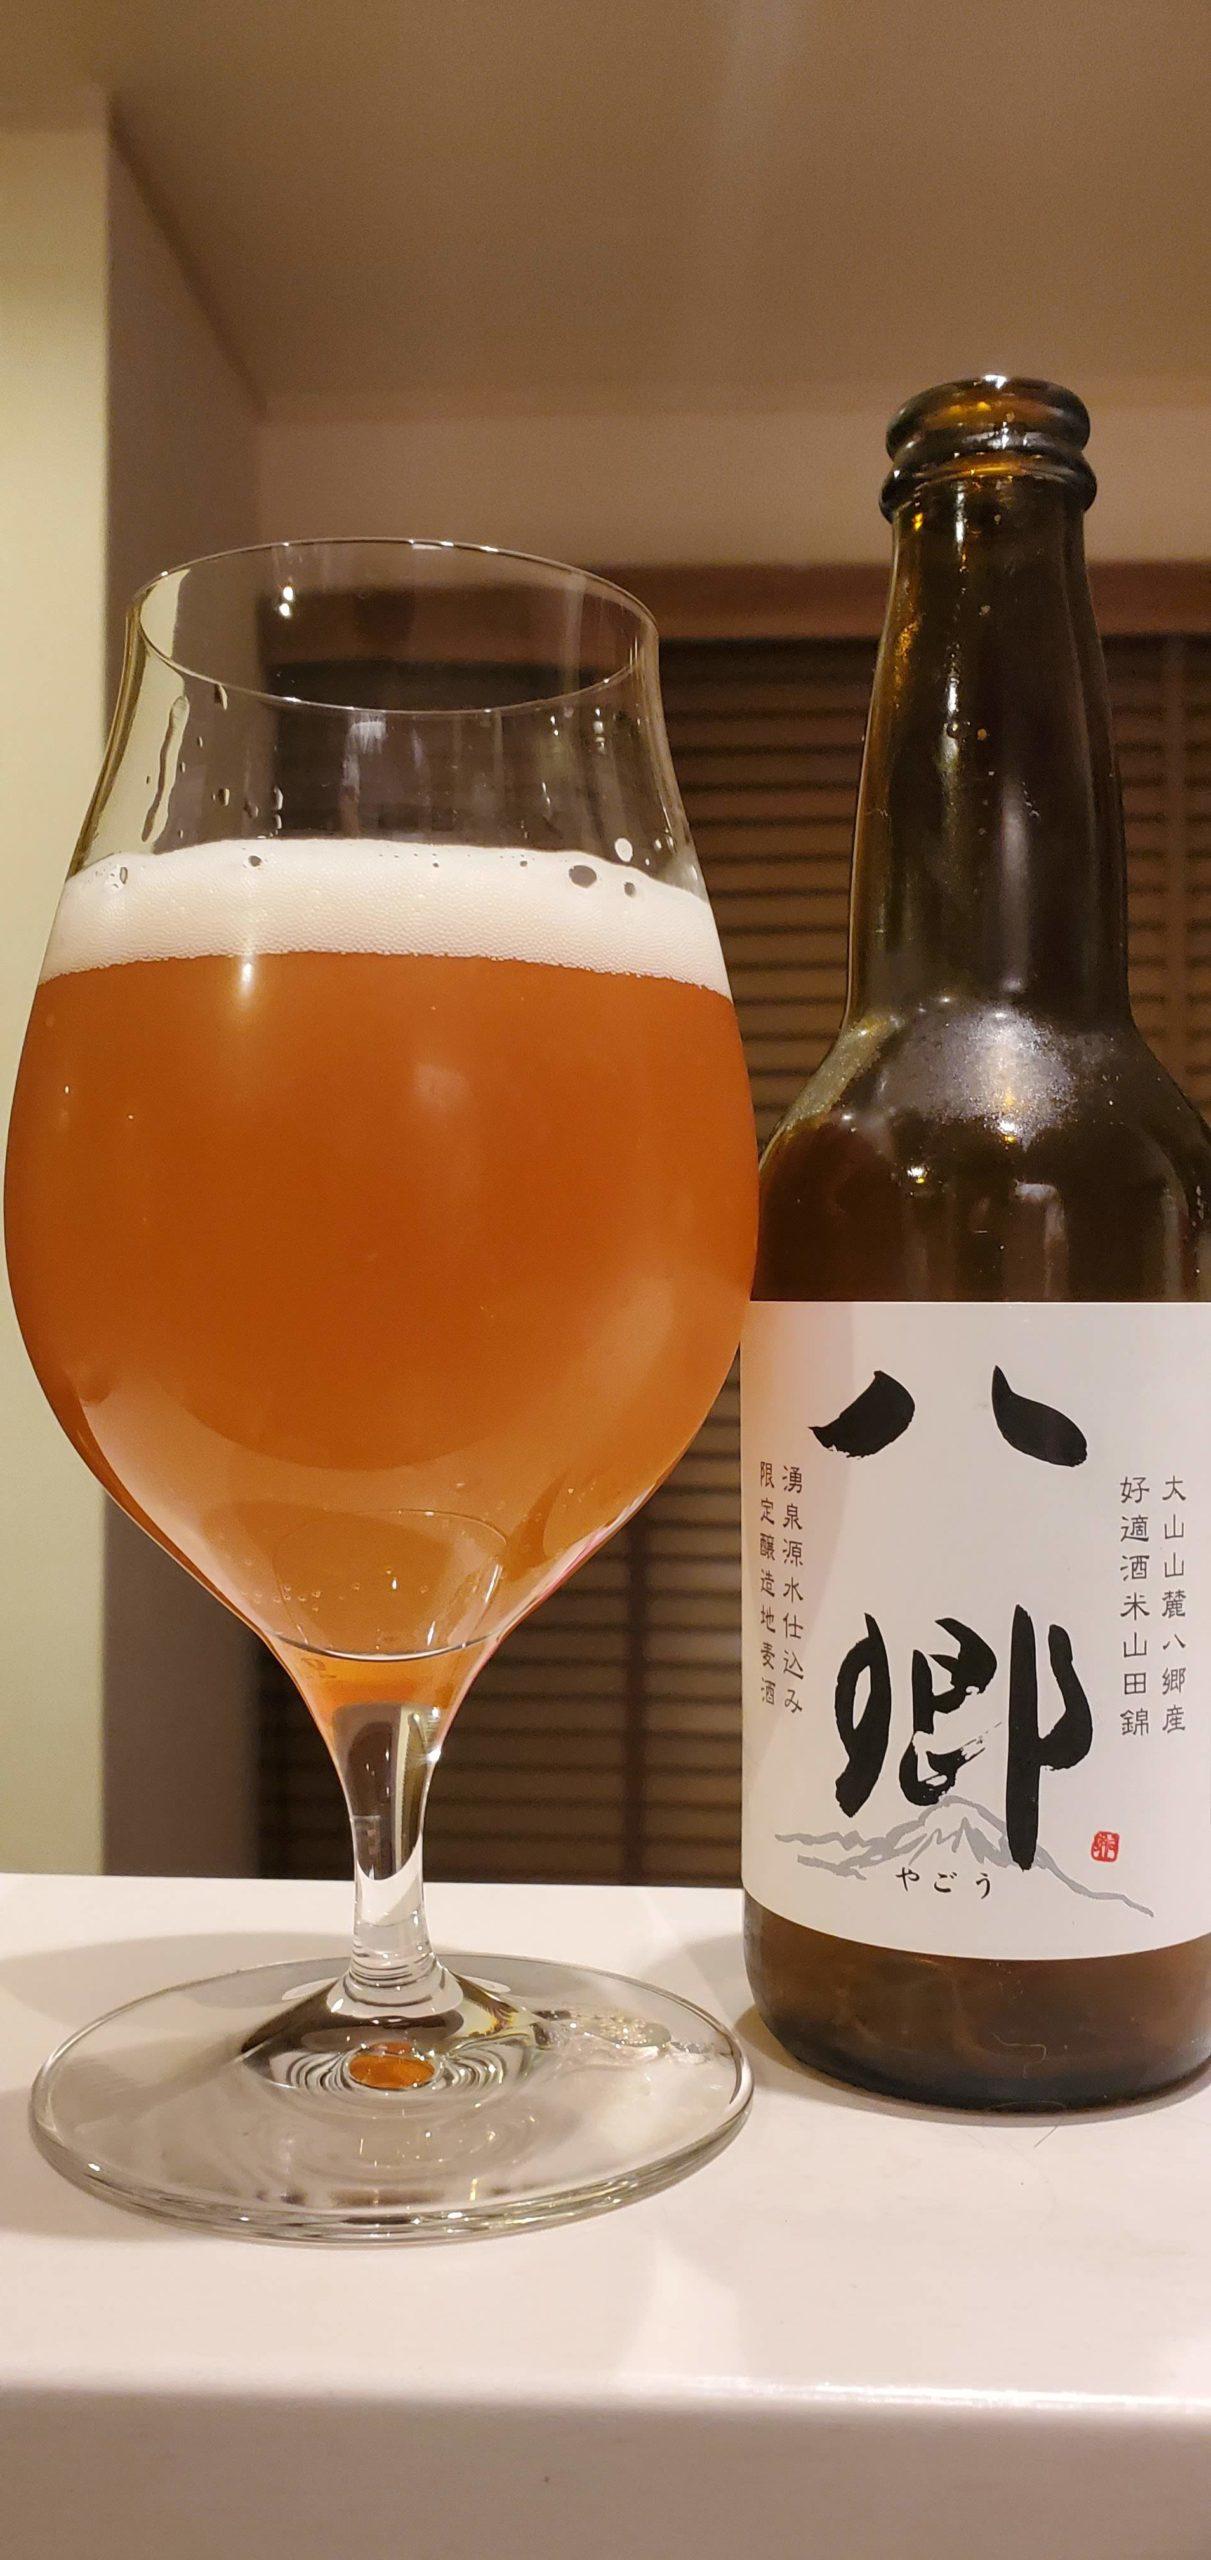 Daisen G Beer Yago